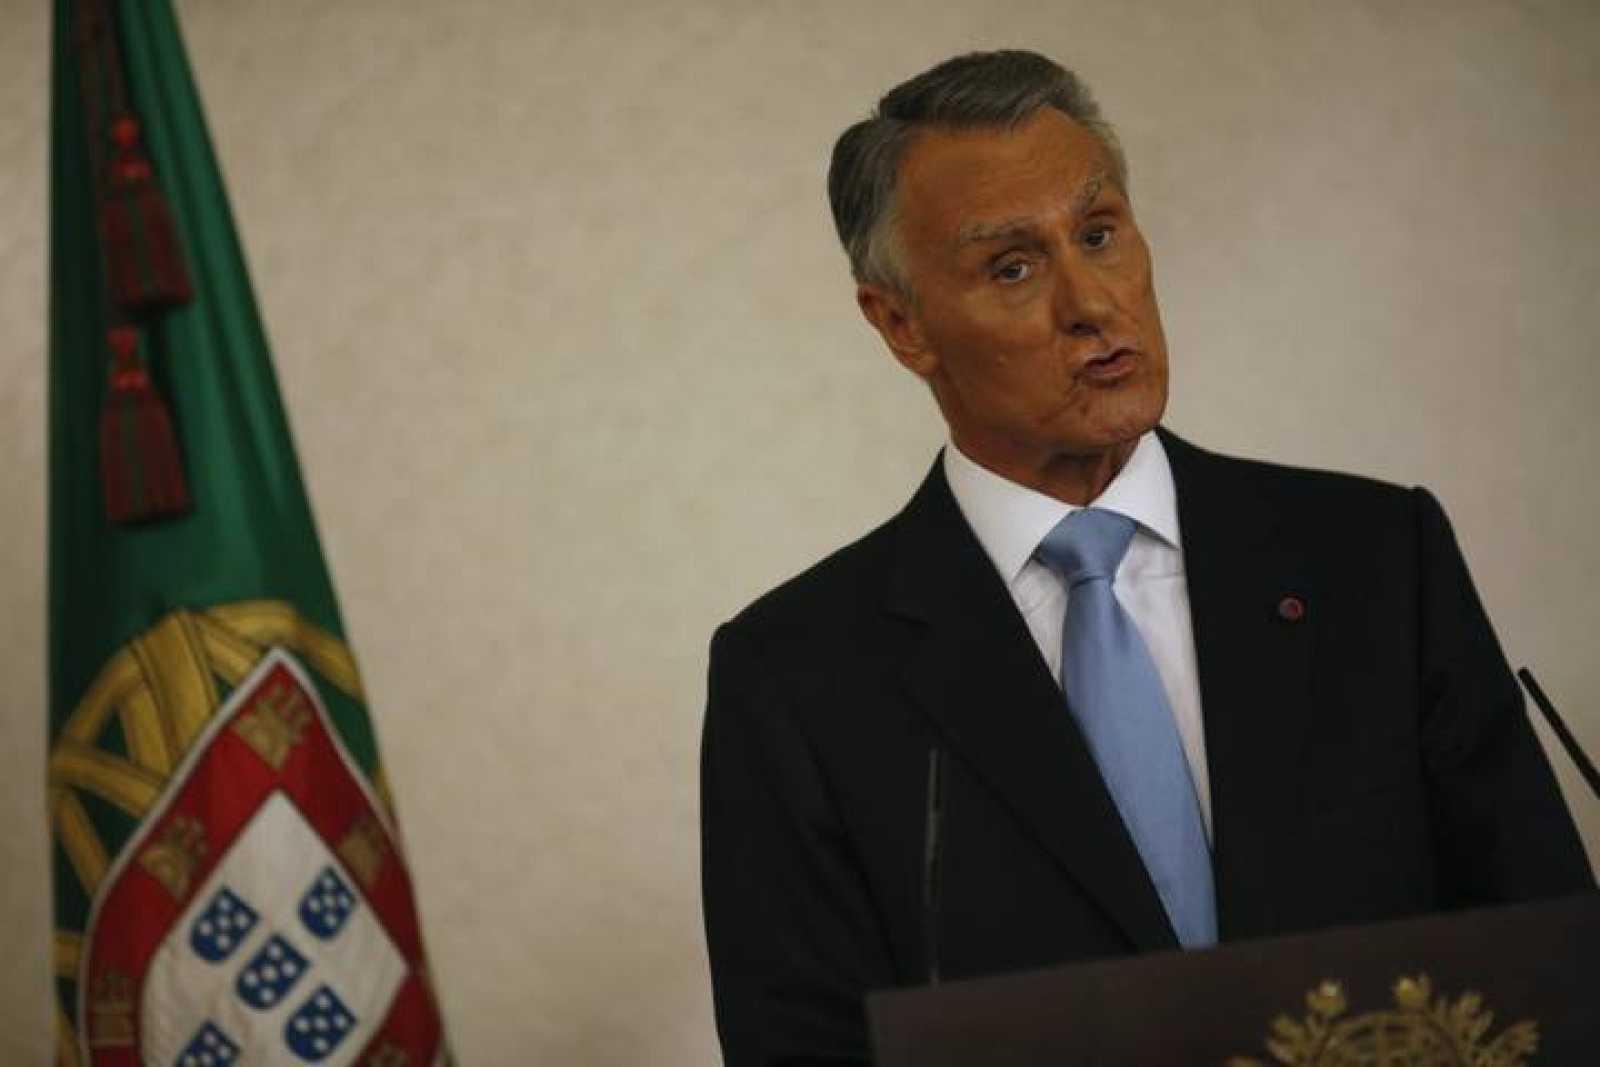 El presidente de Portugal, Anibal Cavaco Silva, hace un llamamiento de consenso a los partidos.